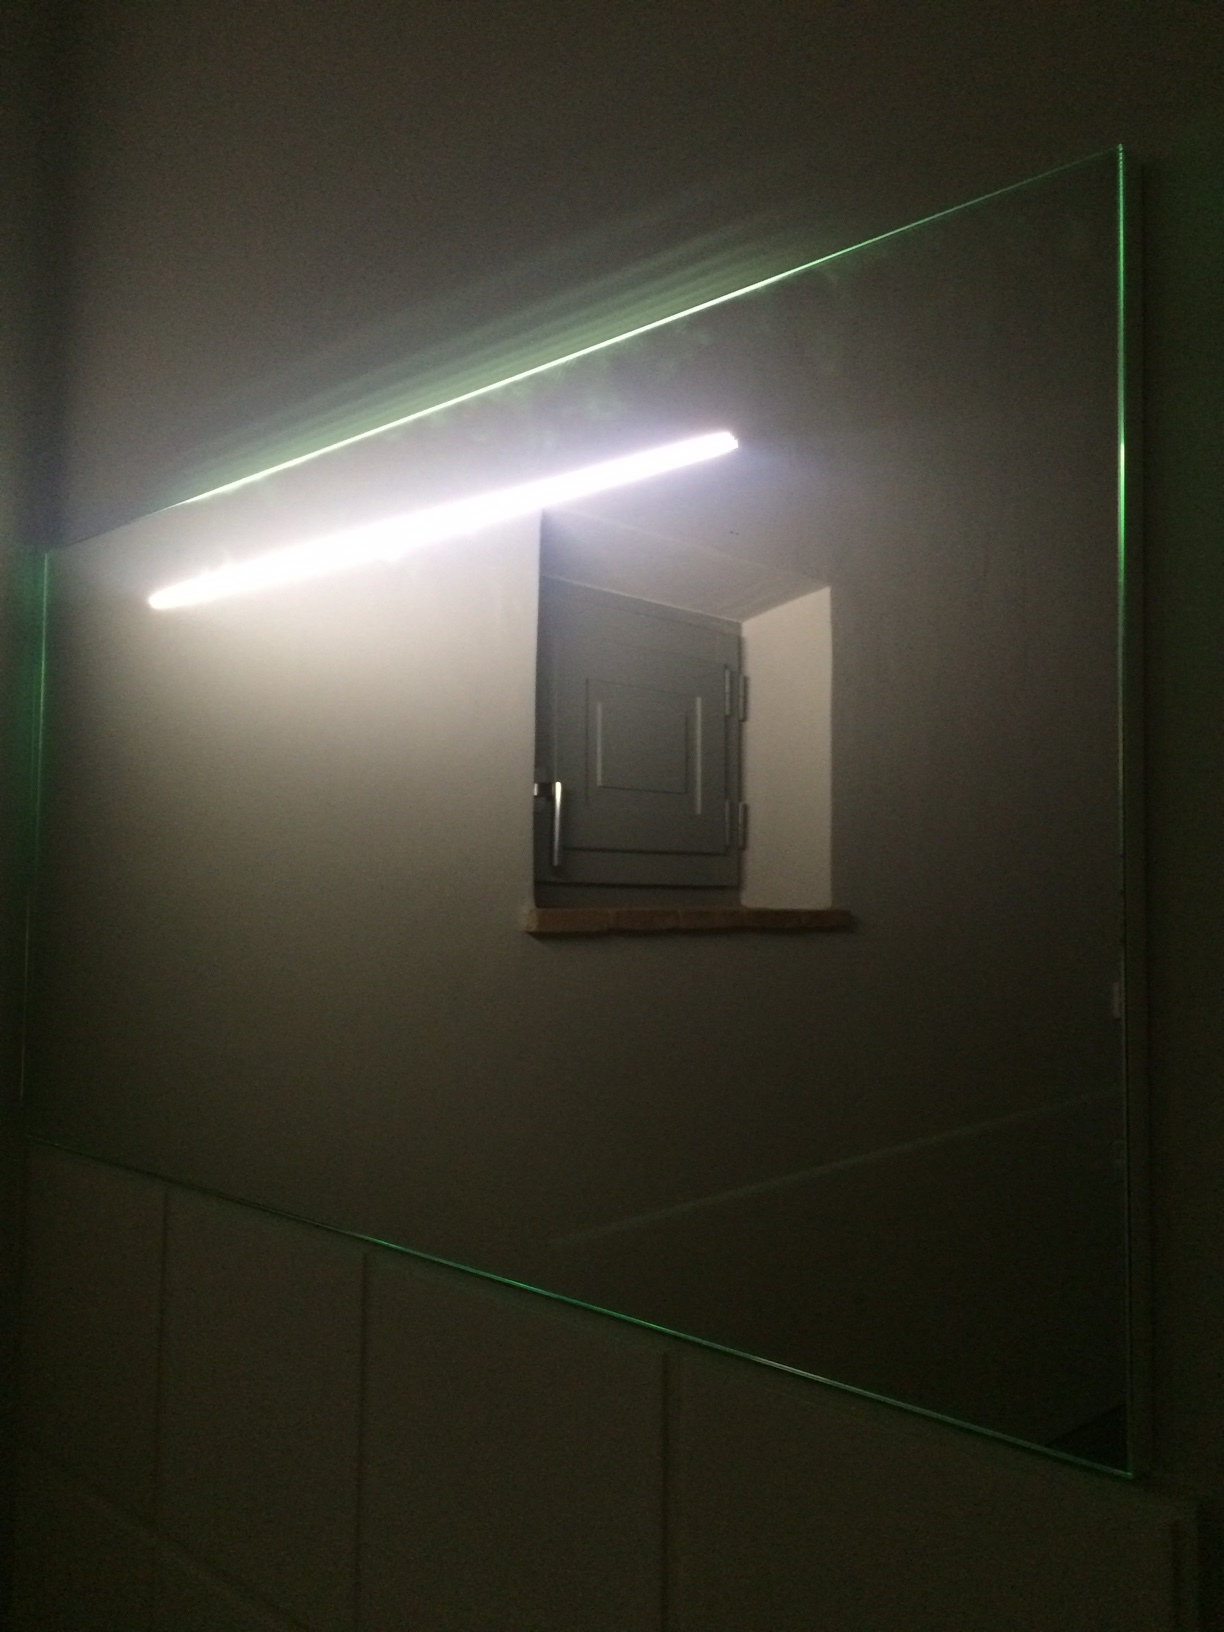 Arlex specchio luci led vetro arredo bagno a prezzi scontati for Luci arredo